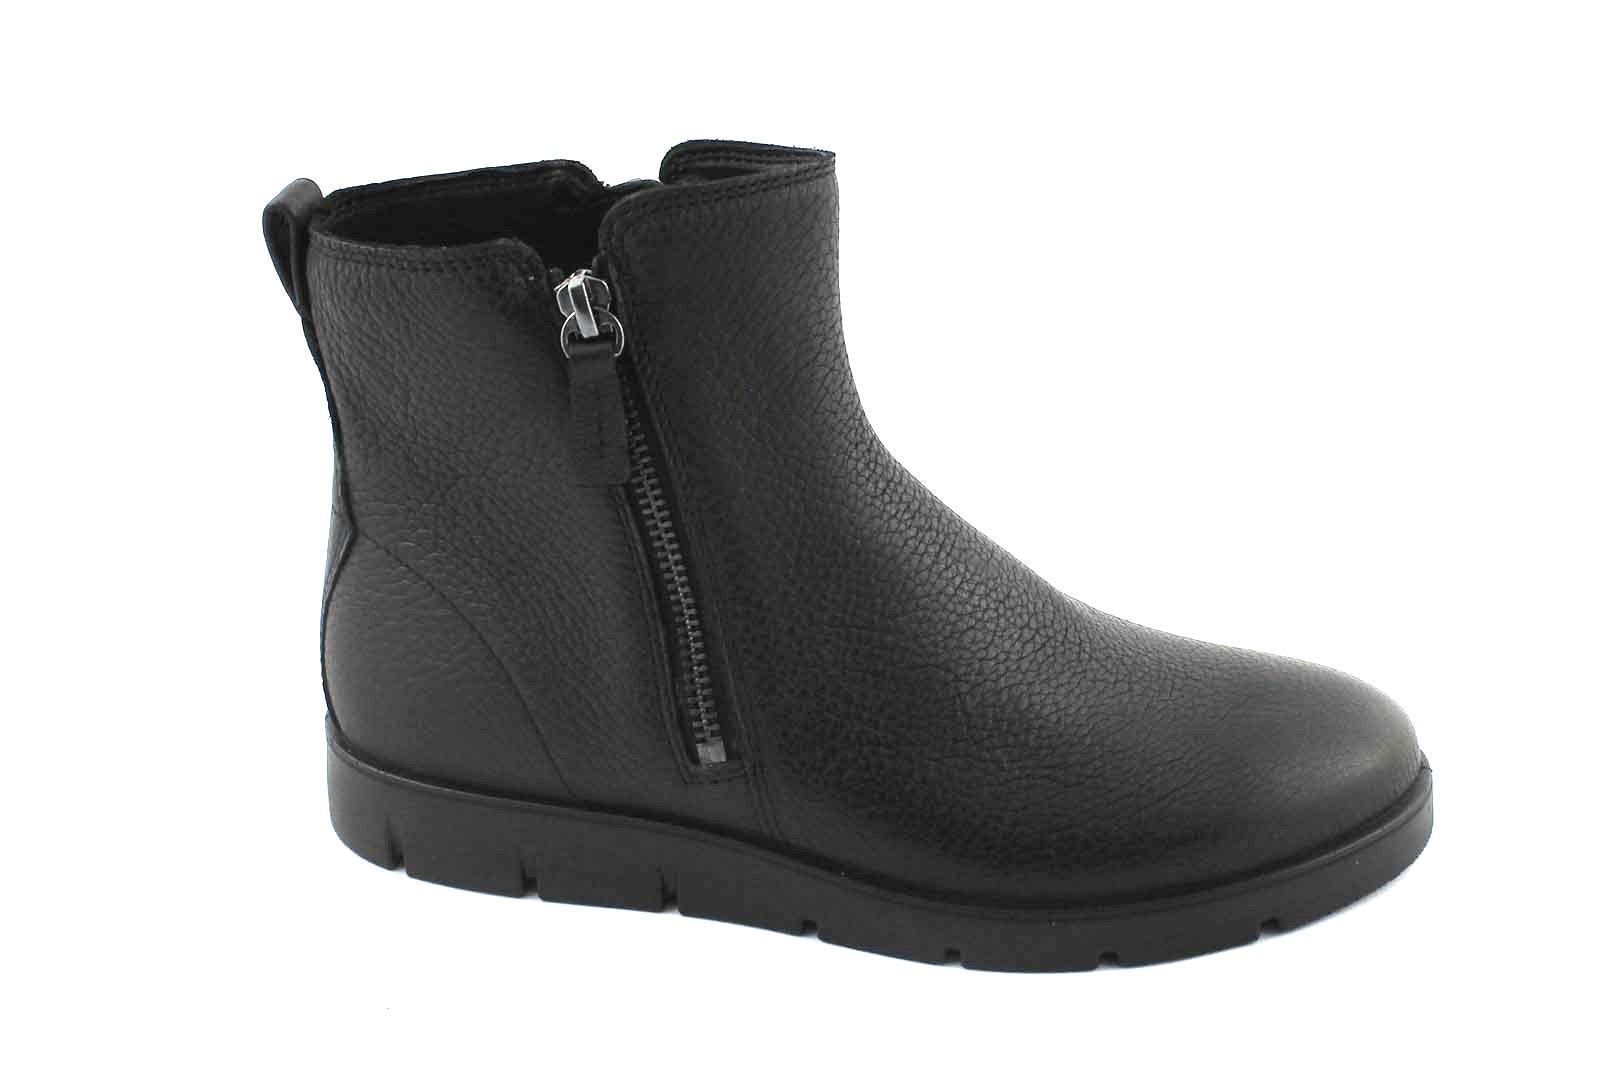 Grandes zapatos con descuento ECCO 282013 BELLA black nero scarpe donna stivaletto zip pelle